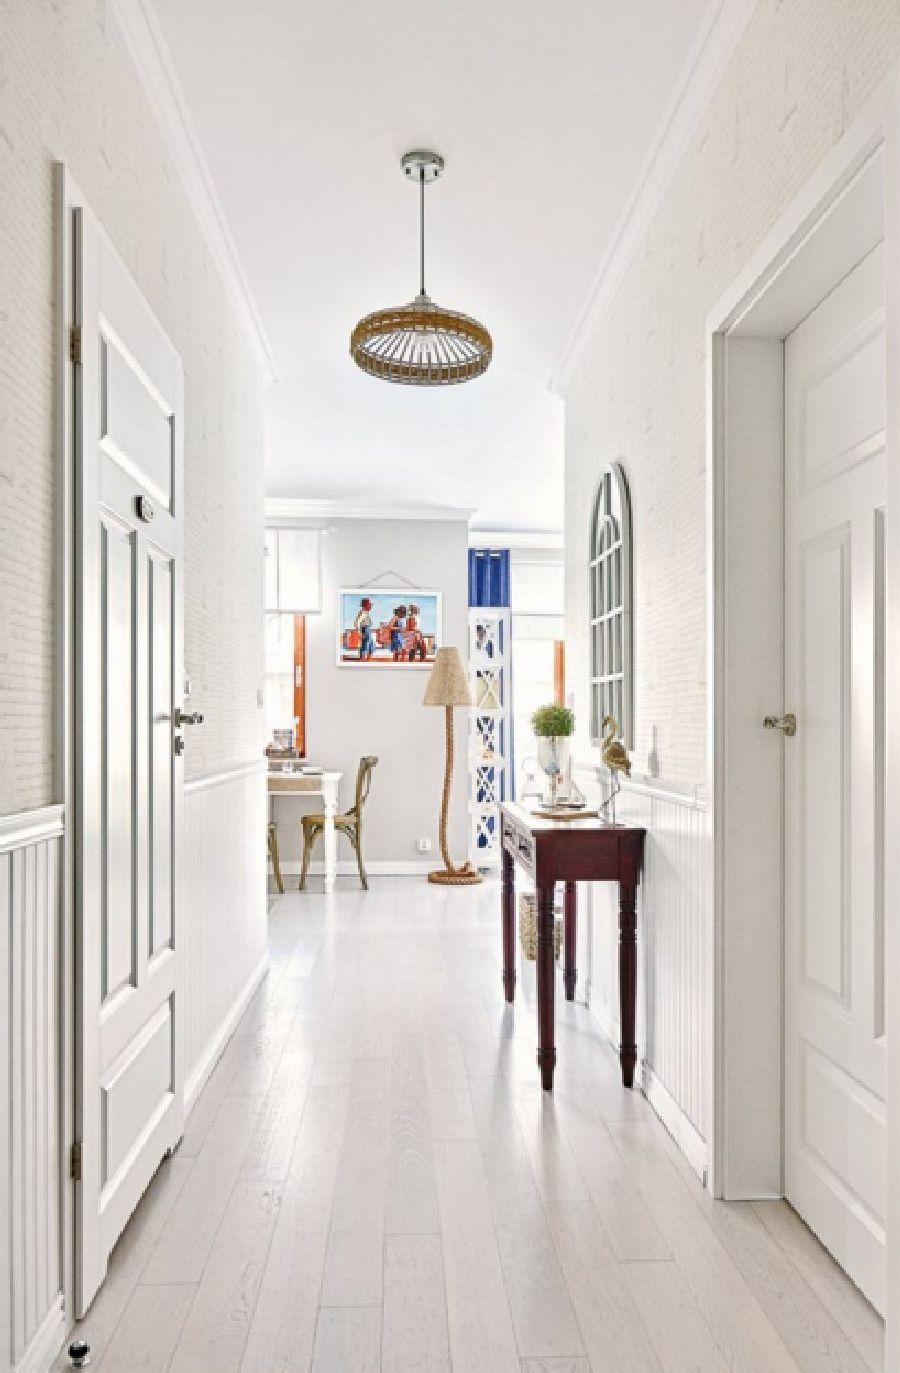 adelaparvu.com despre apartament 2 camere, 48 mp, decor marin, design interior Dream Home, Foto Drako Studio (11)